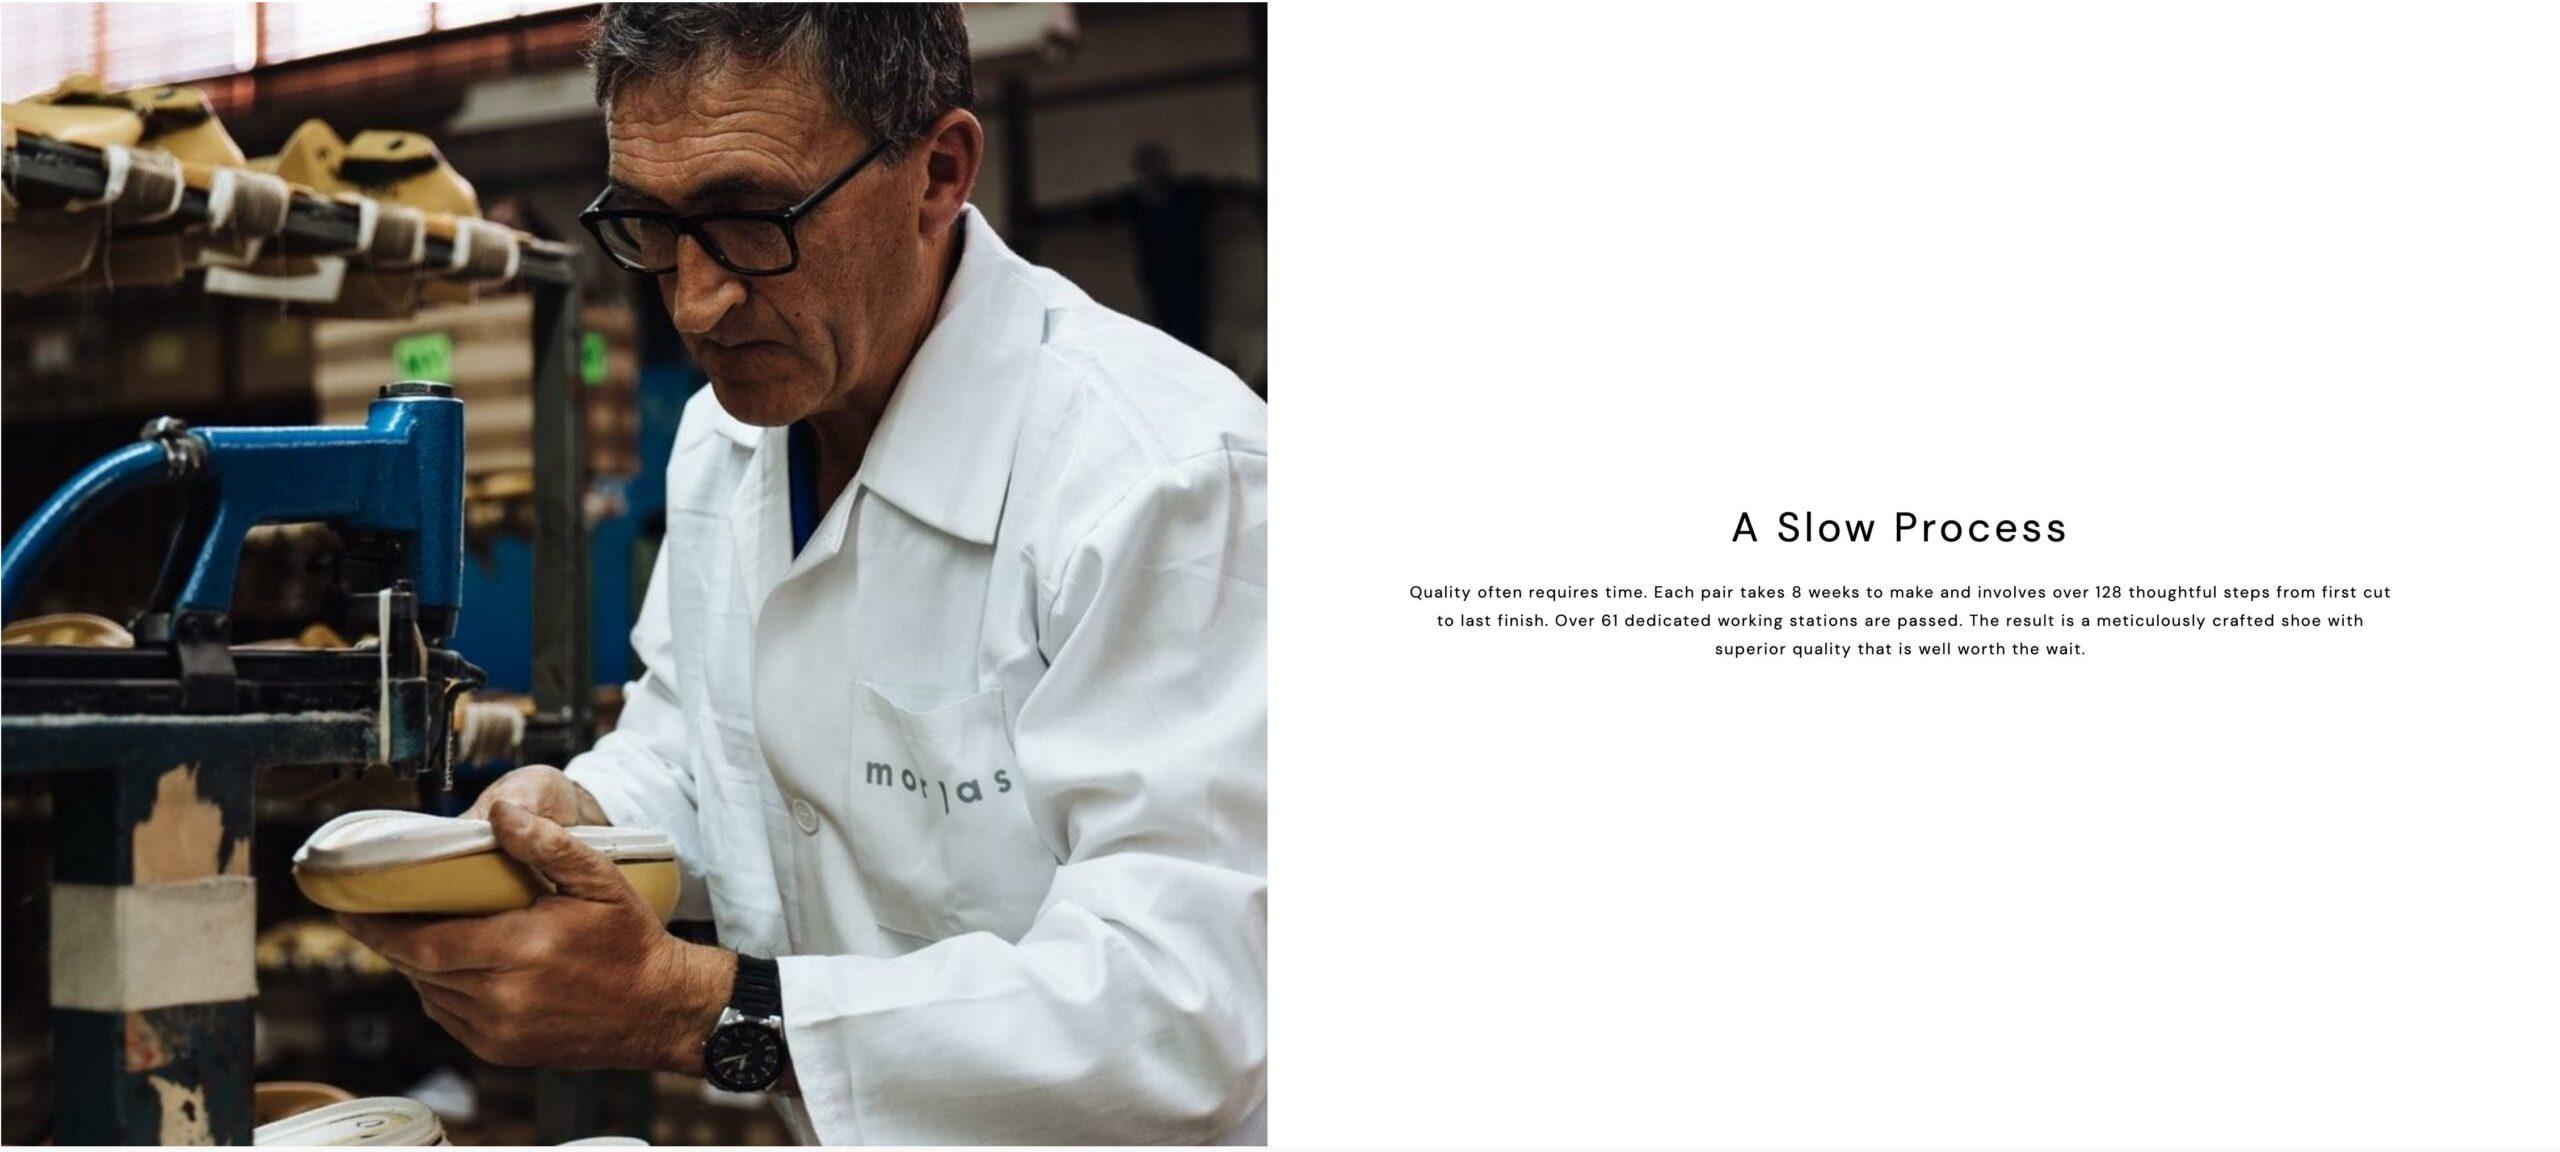 Un petit détail amusant, Morjas ne possède pas d'usine. Ils font fabriquer chez Sendra. Mais pour la séance photo ils ont été jusqu'à fabriquer une blouse à leur nom pour la faire endosser par l'ouvrier. Les mises en scène de ce genre sont très courantes. Une autre très populaire, le coupeur qui pour la photo fait semblant de lever un cuir au tranchet alors que l'usine utilise une découpe automatisée. (source: morjas)